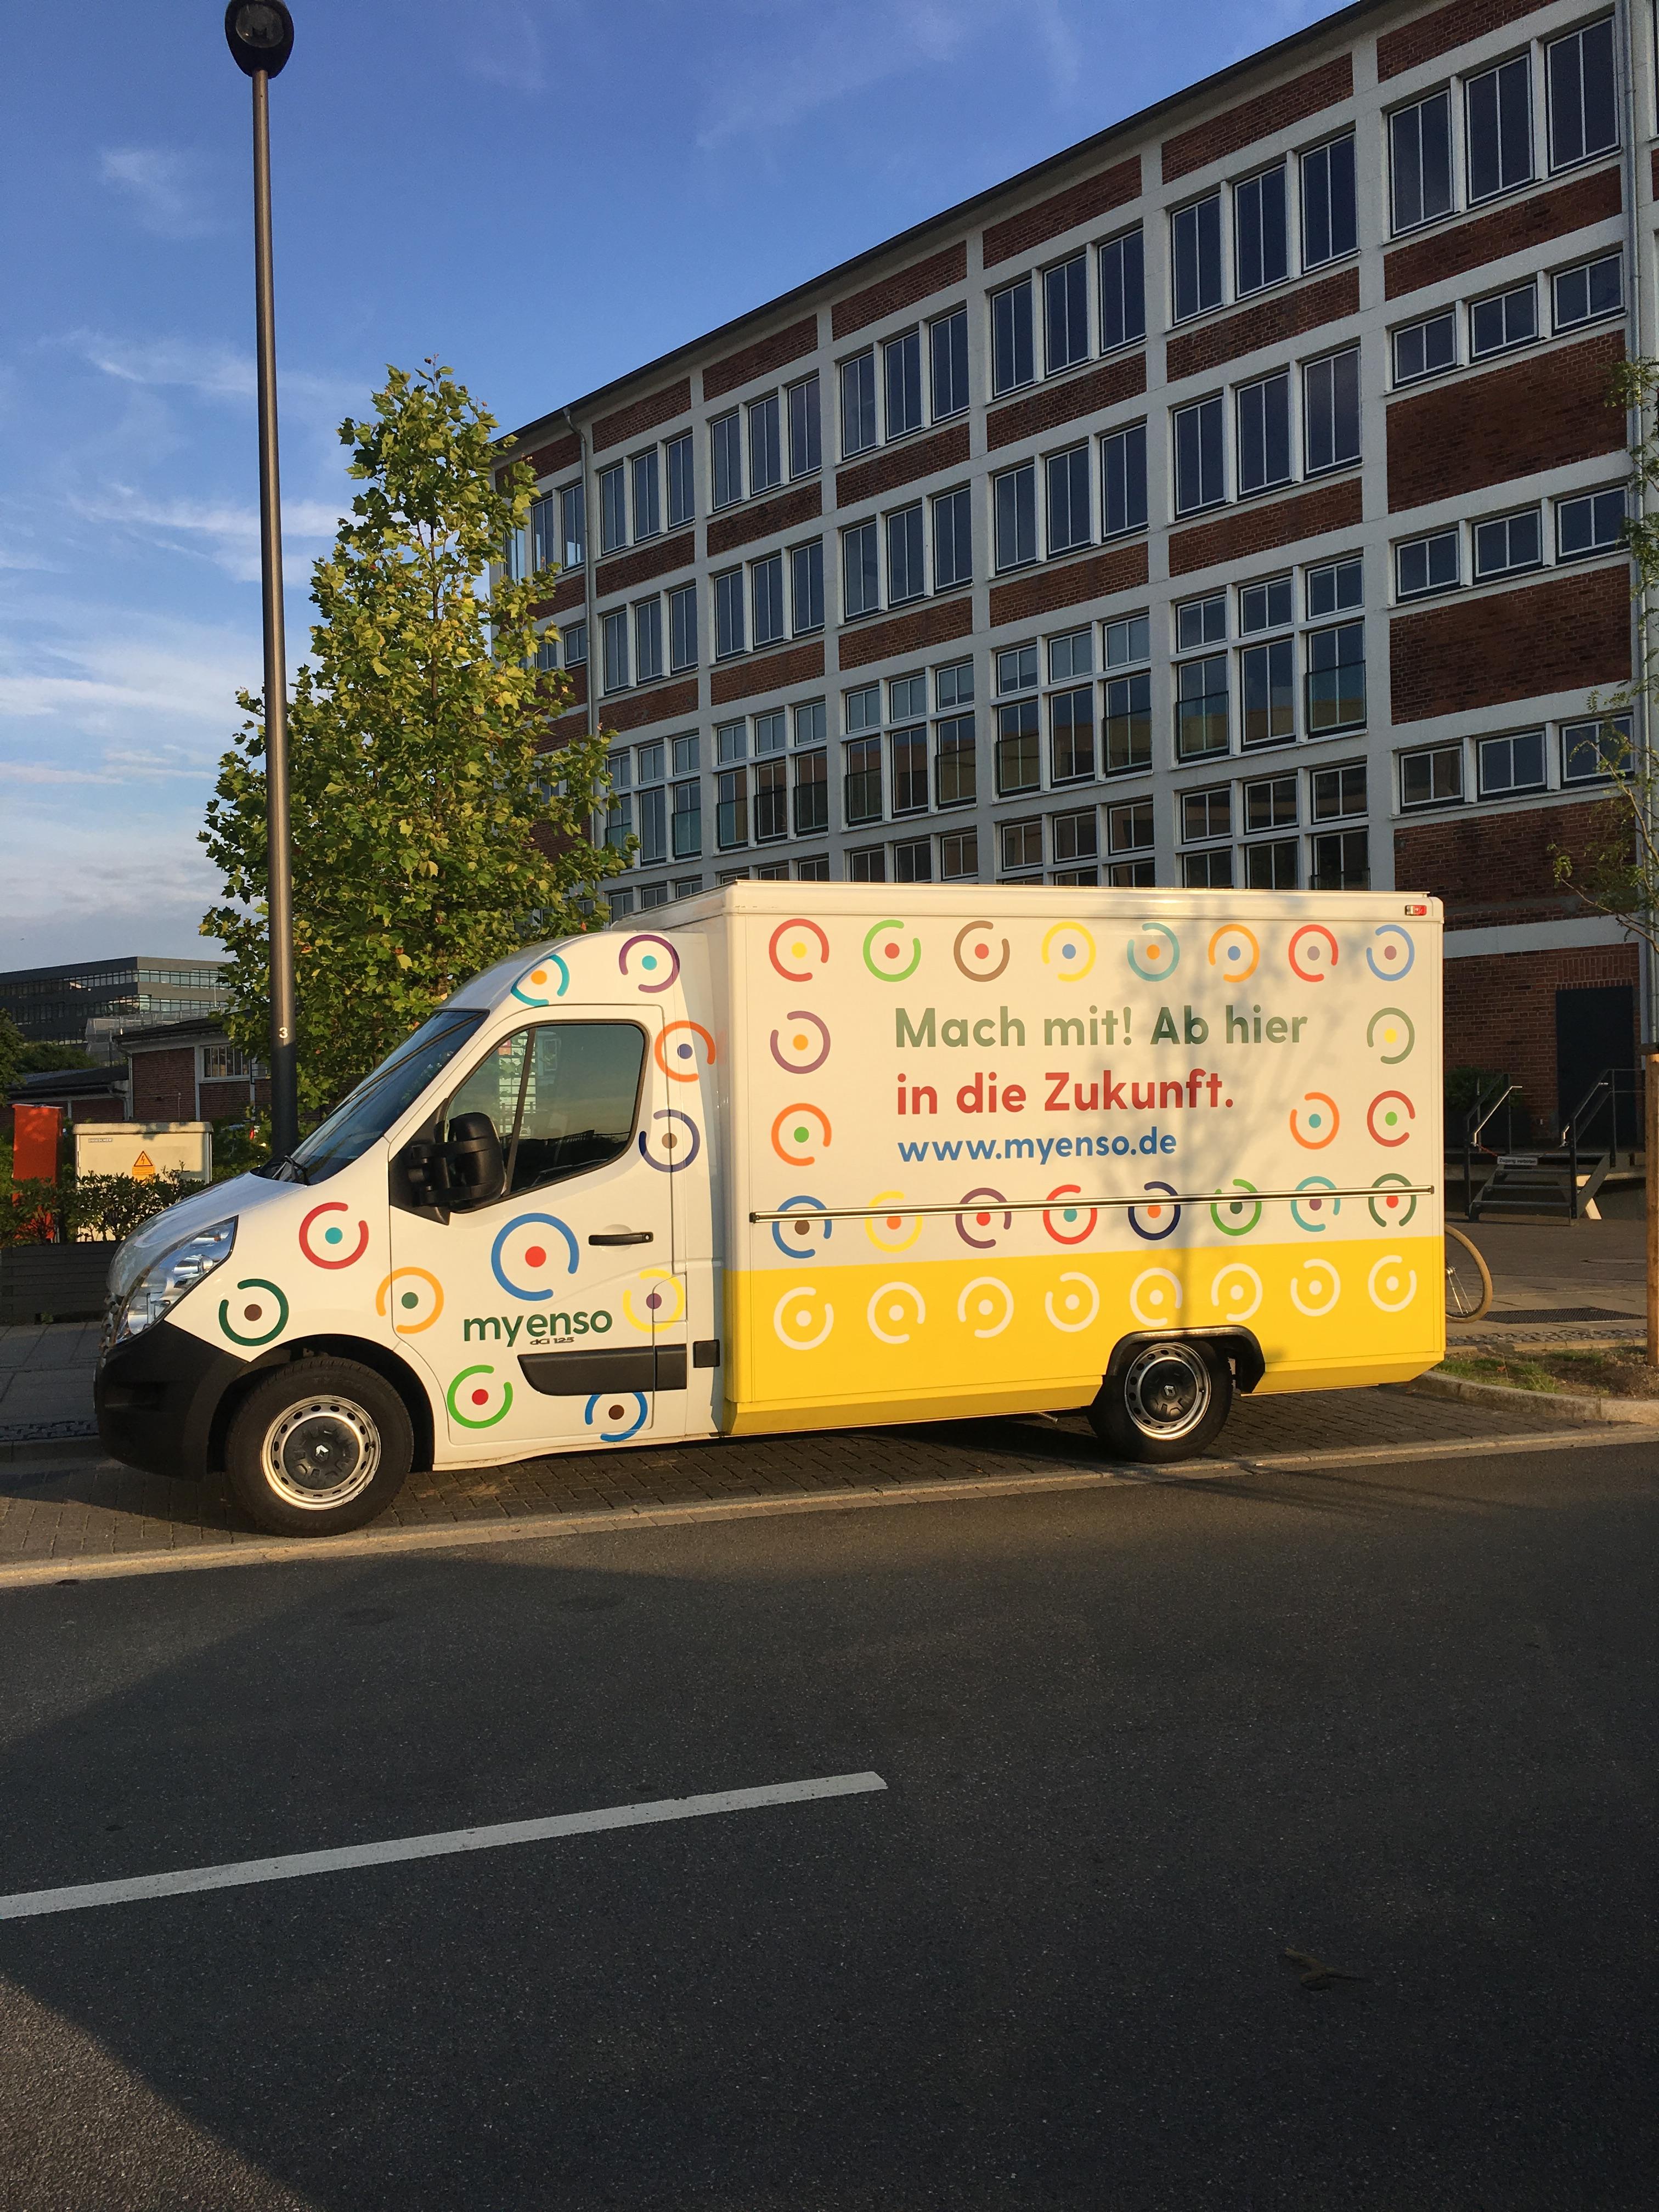 Der Kiosk-Wagen von myEnso wird neuer Treffpunkt und Ort des Austauschs (Bild: privat)